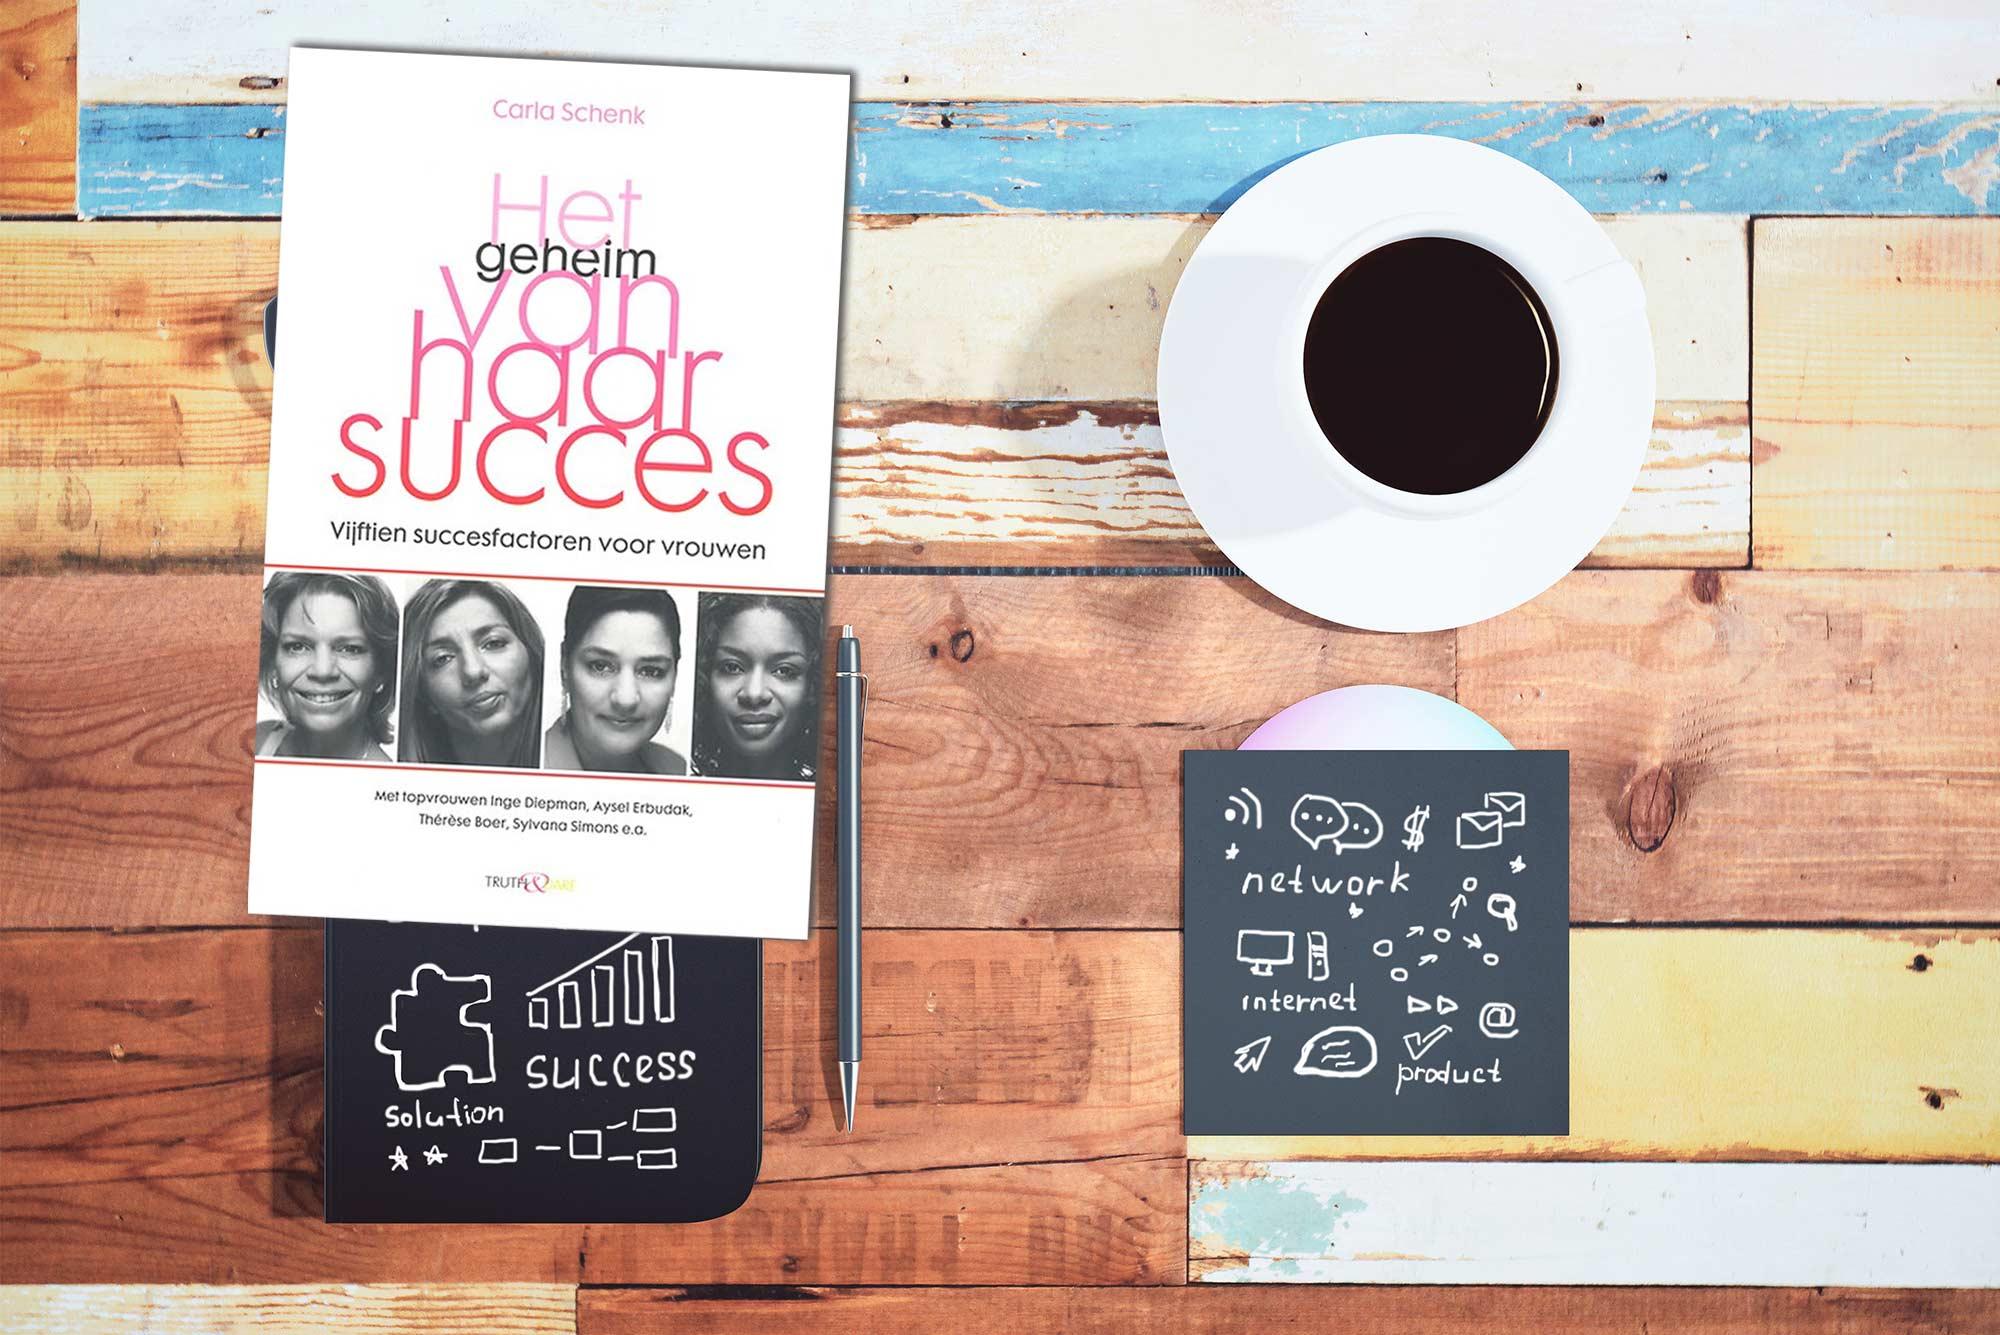 Het-geheim-van-haar-succes-Carla-Schenk-2